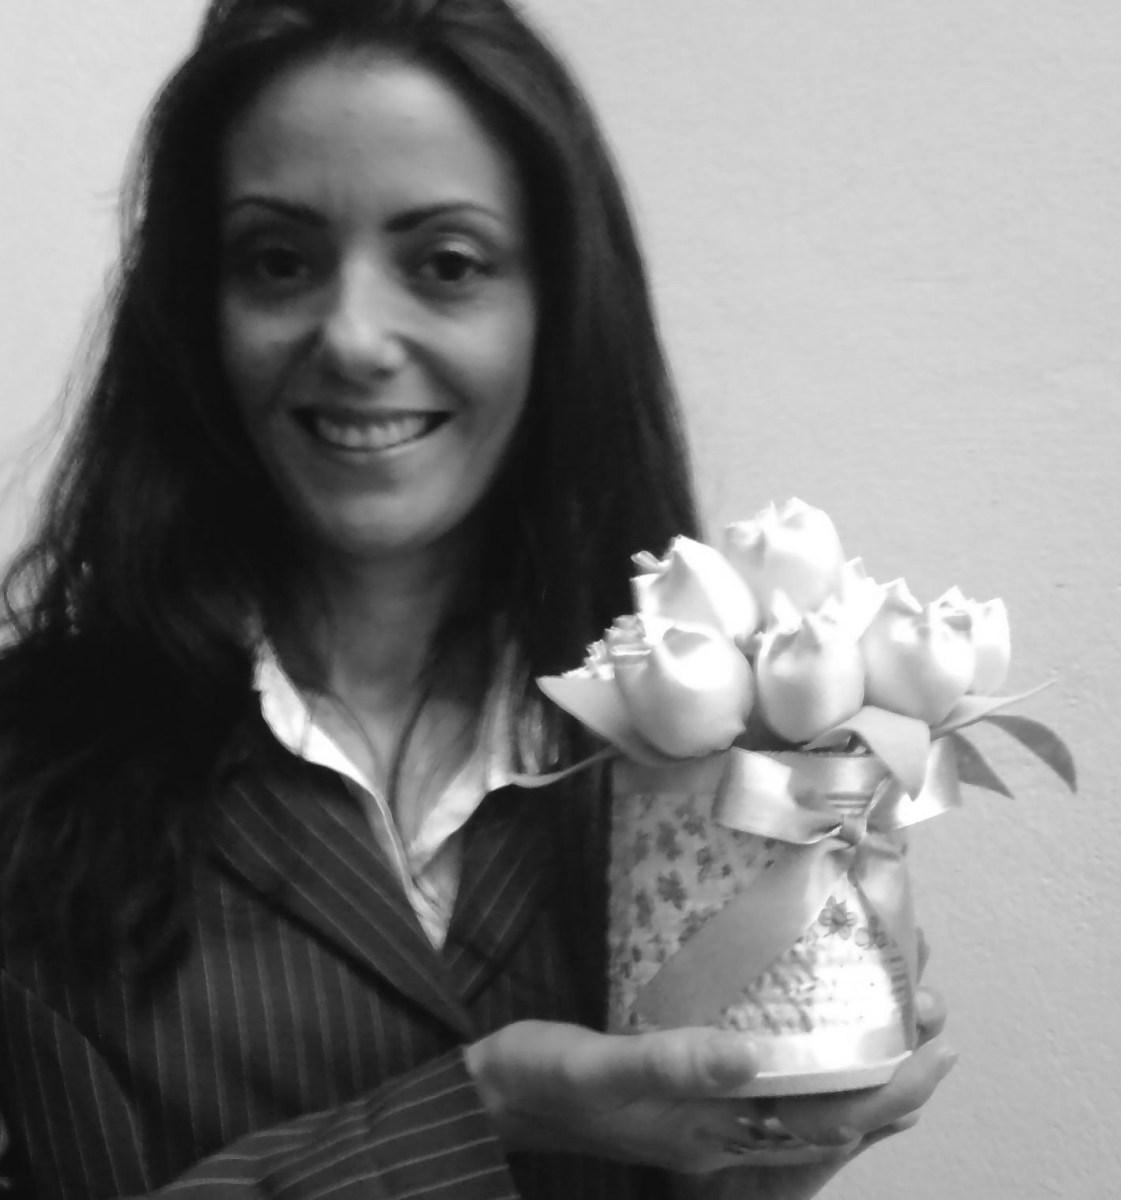 Dia da mães-Dicas de presentes para uma mãe que perdeu um filho